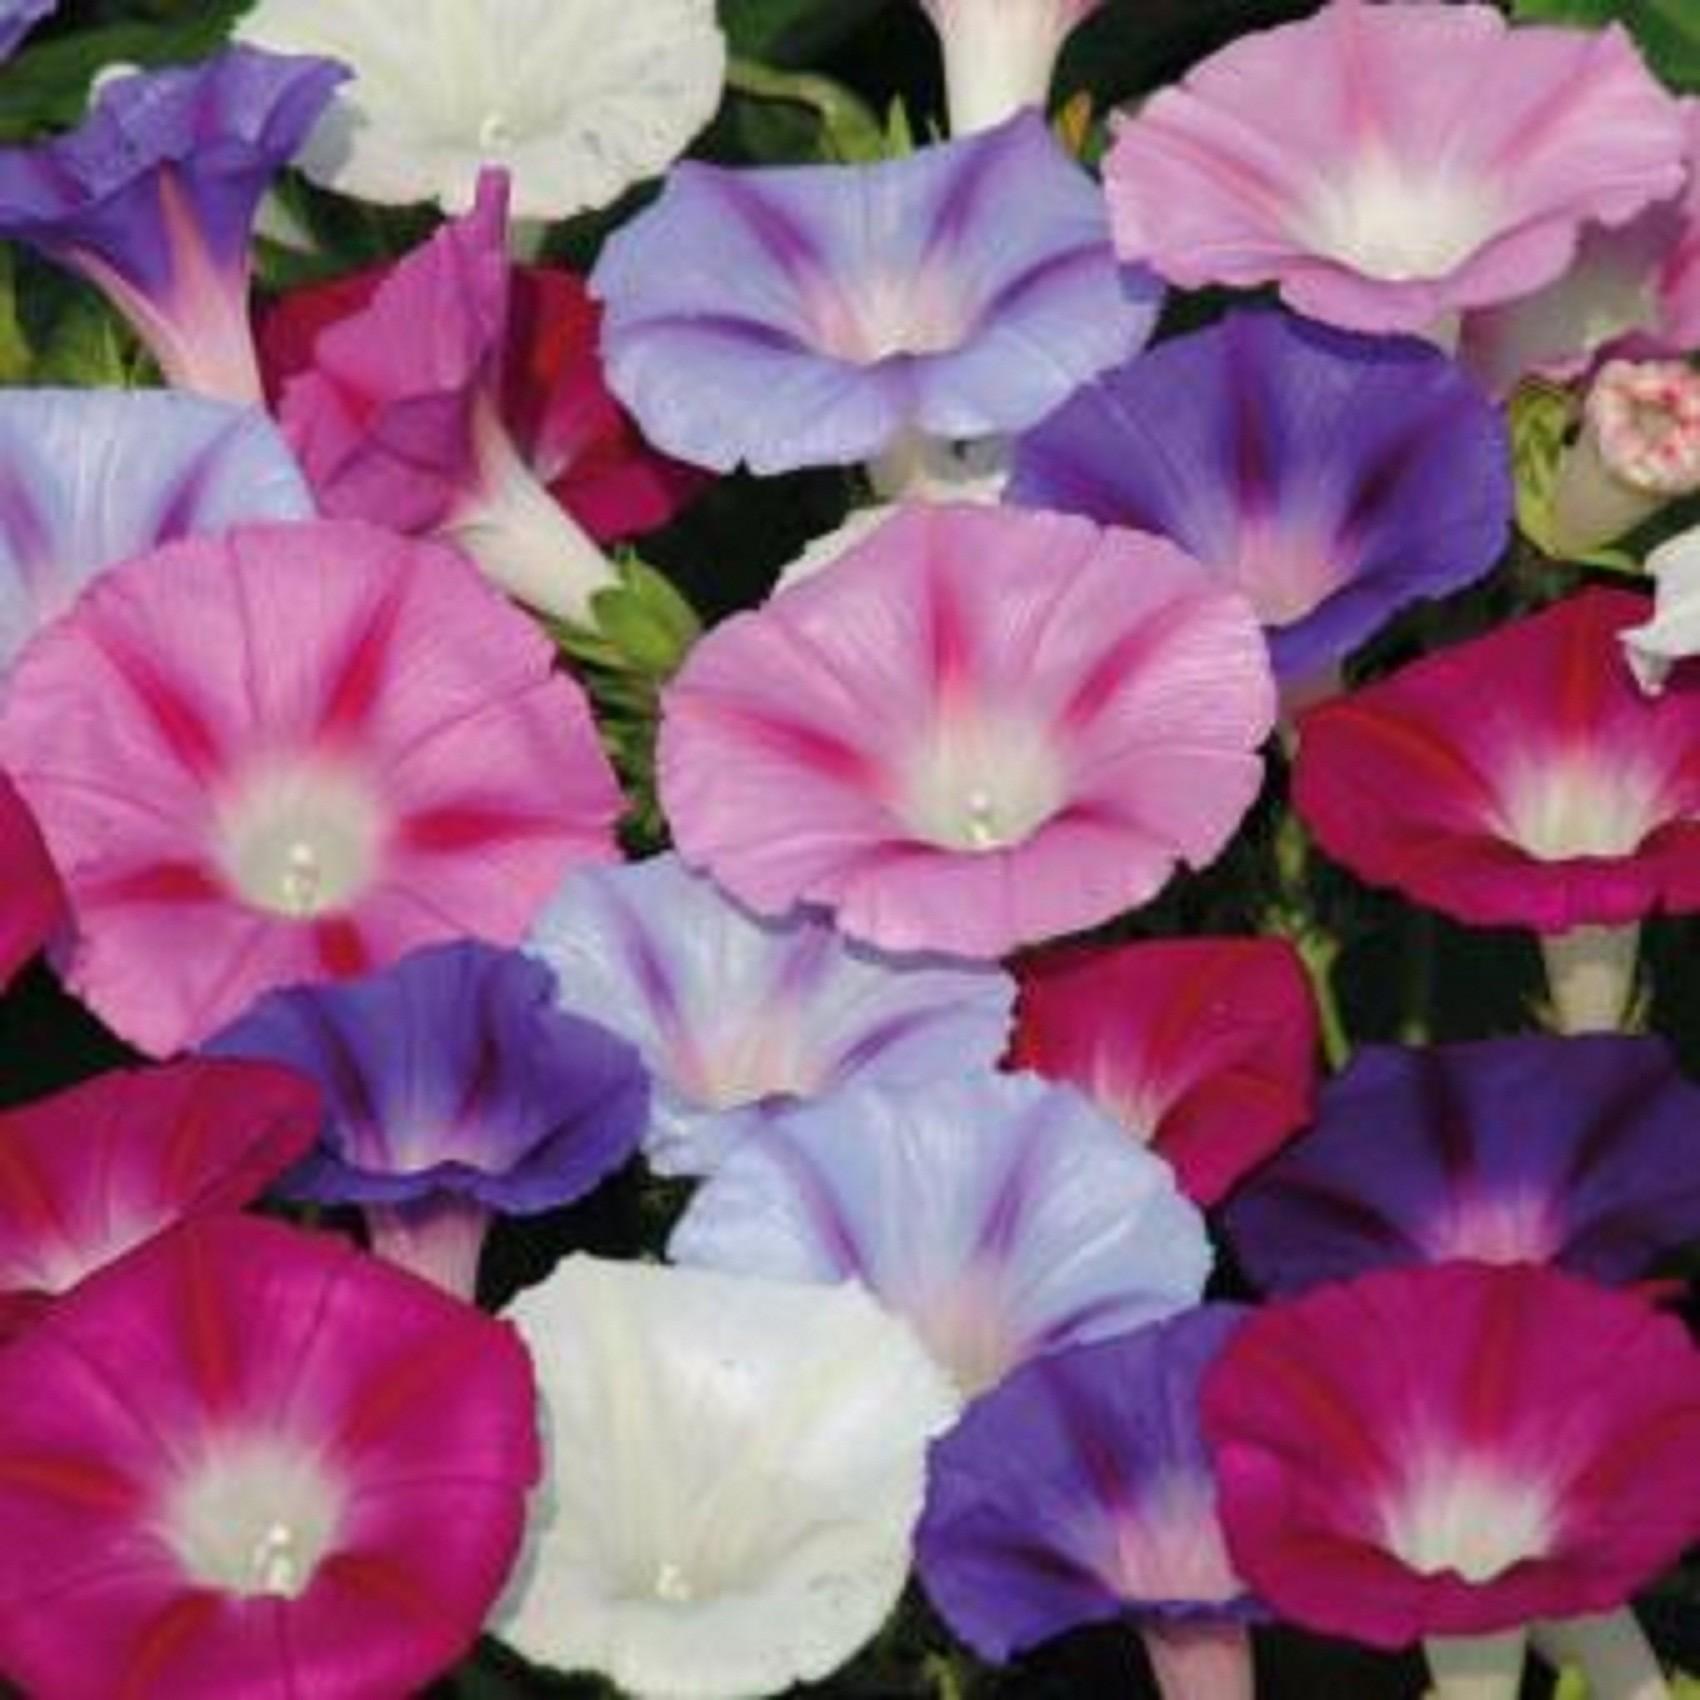 Hoa bìm bịp nhiều màu sắc đẹp nhất